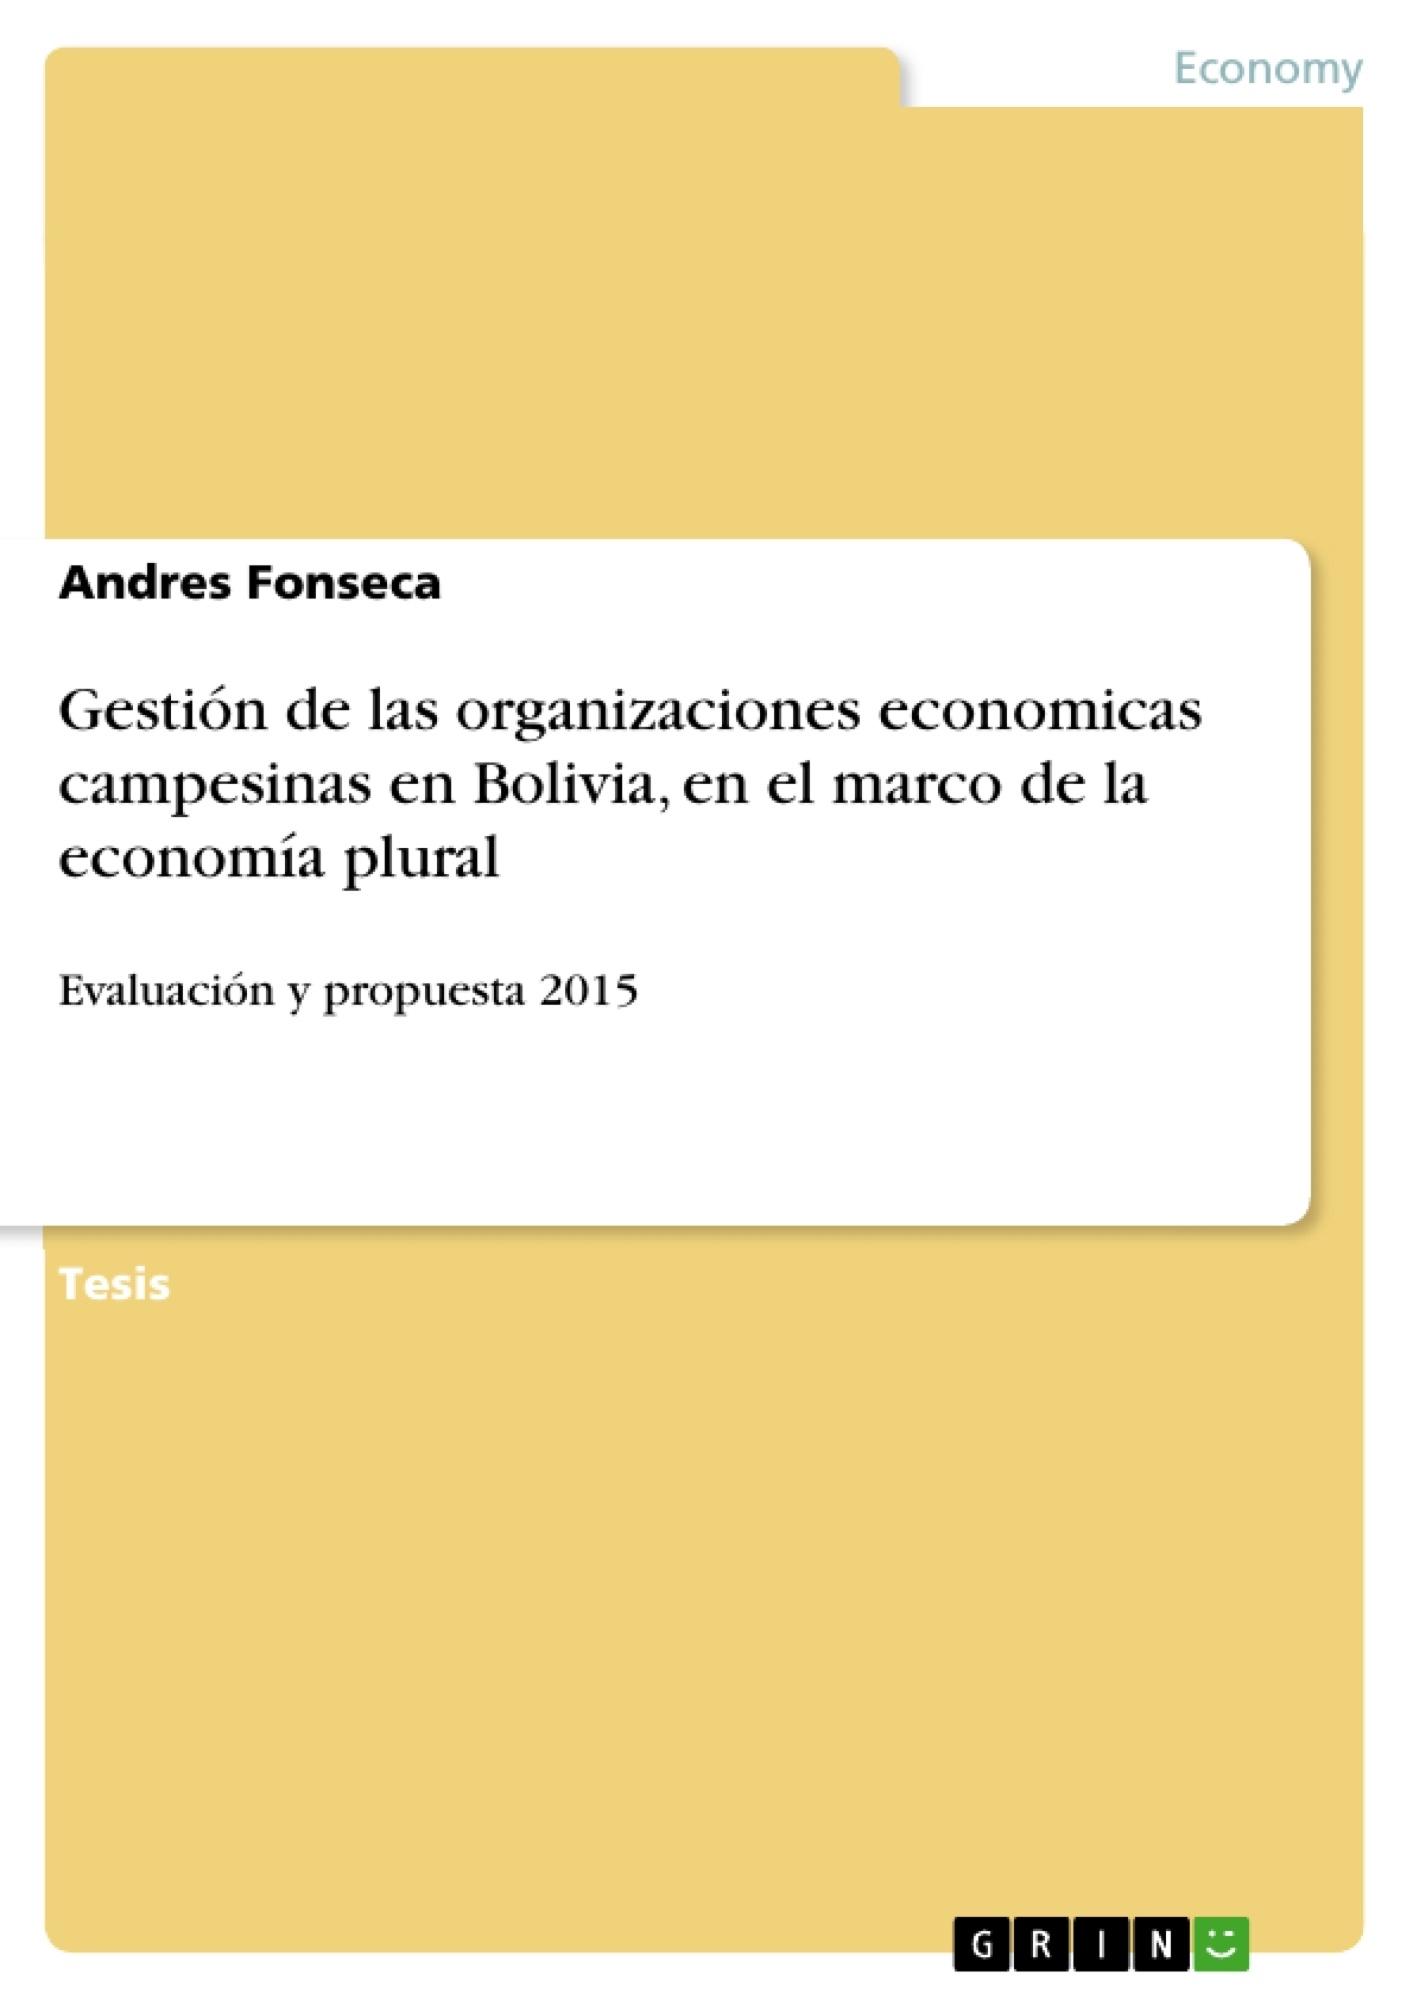 Título: Gestión de las organizaciones economicas campesinas en Bolivia, en el marco de la economía plural